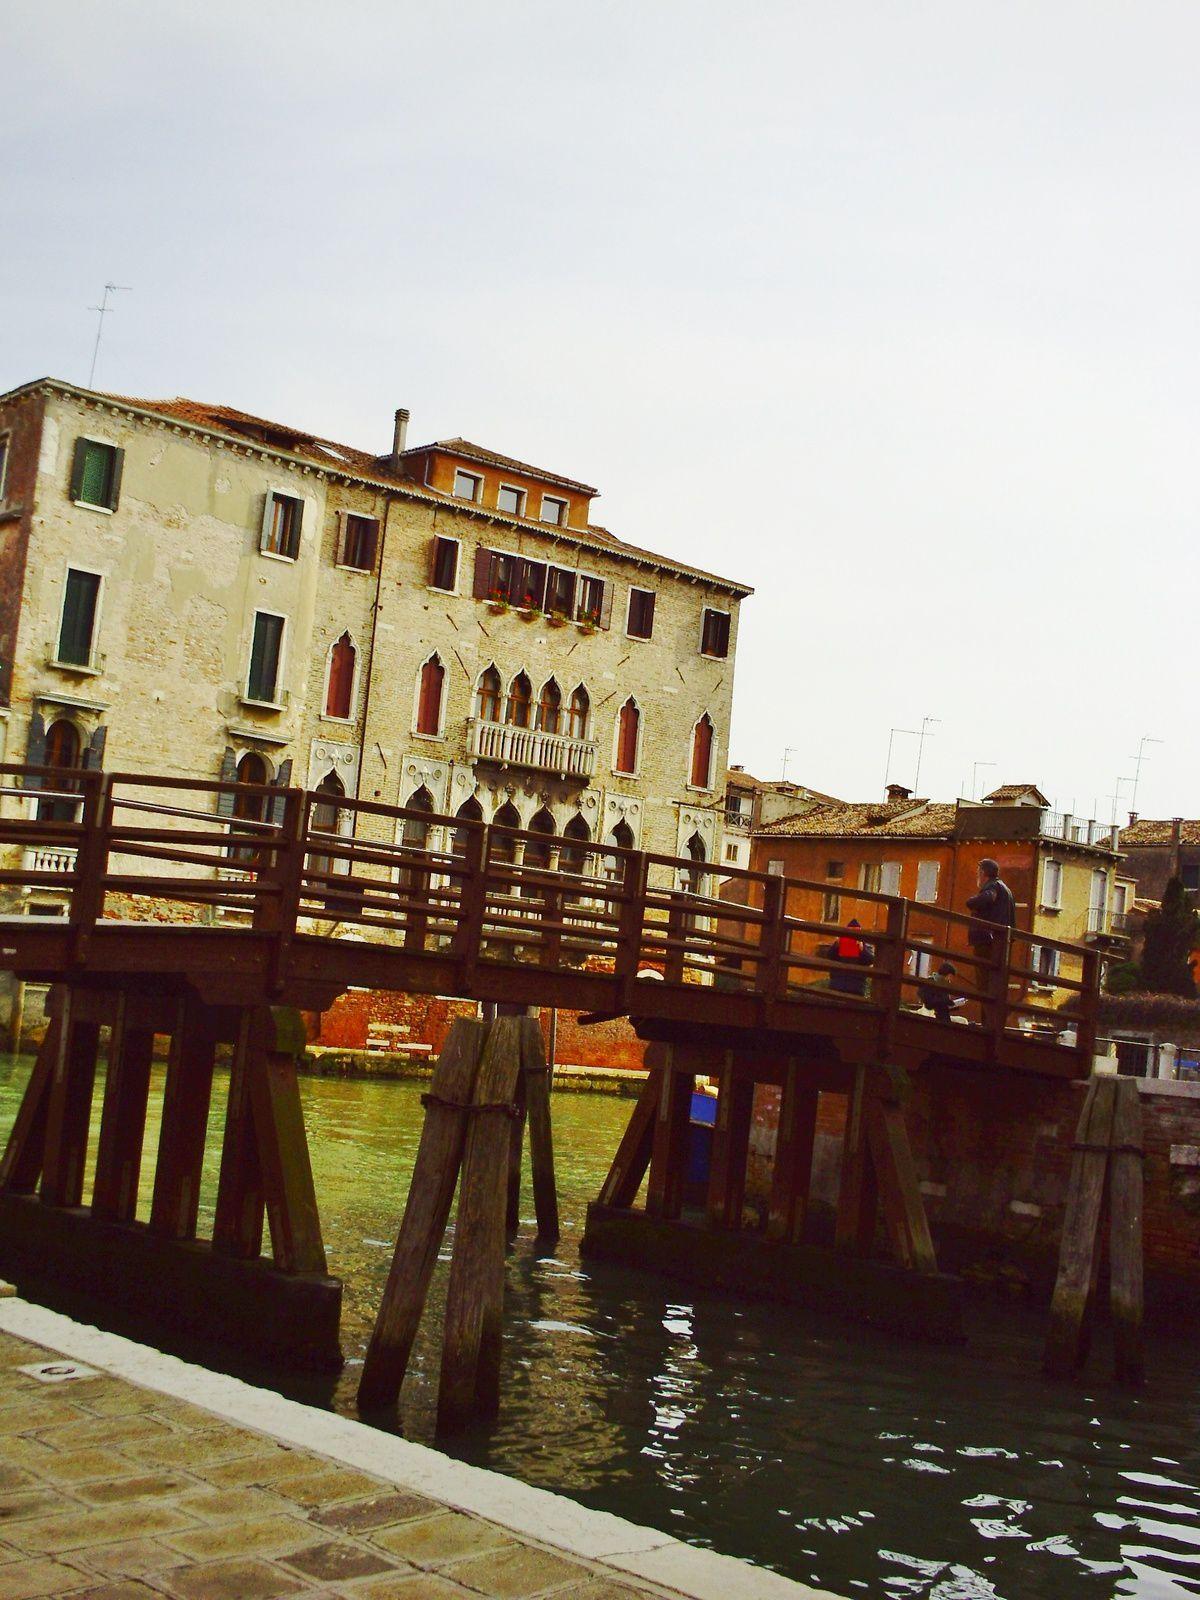 Goldwing - Voyage de 4 jours à Venise 3ème jour 2/2